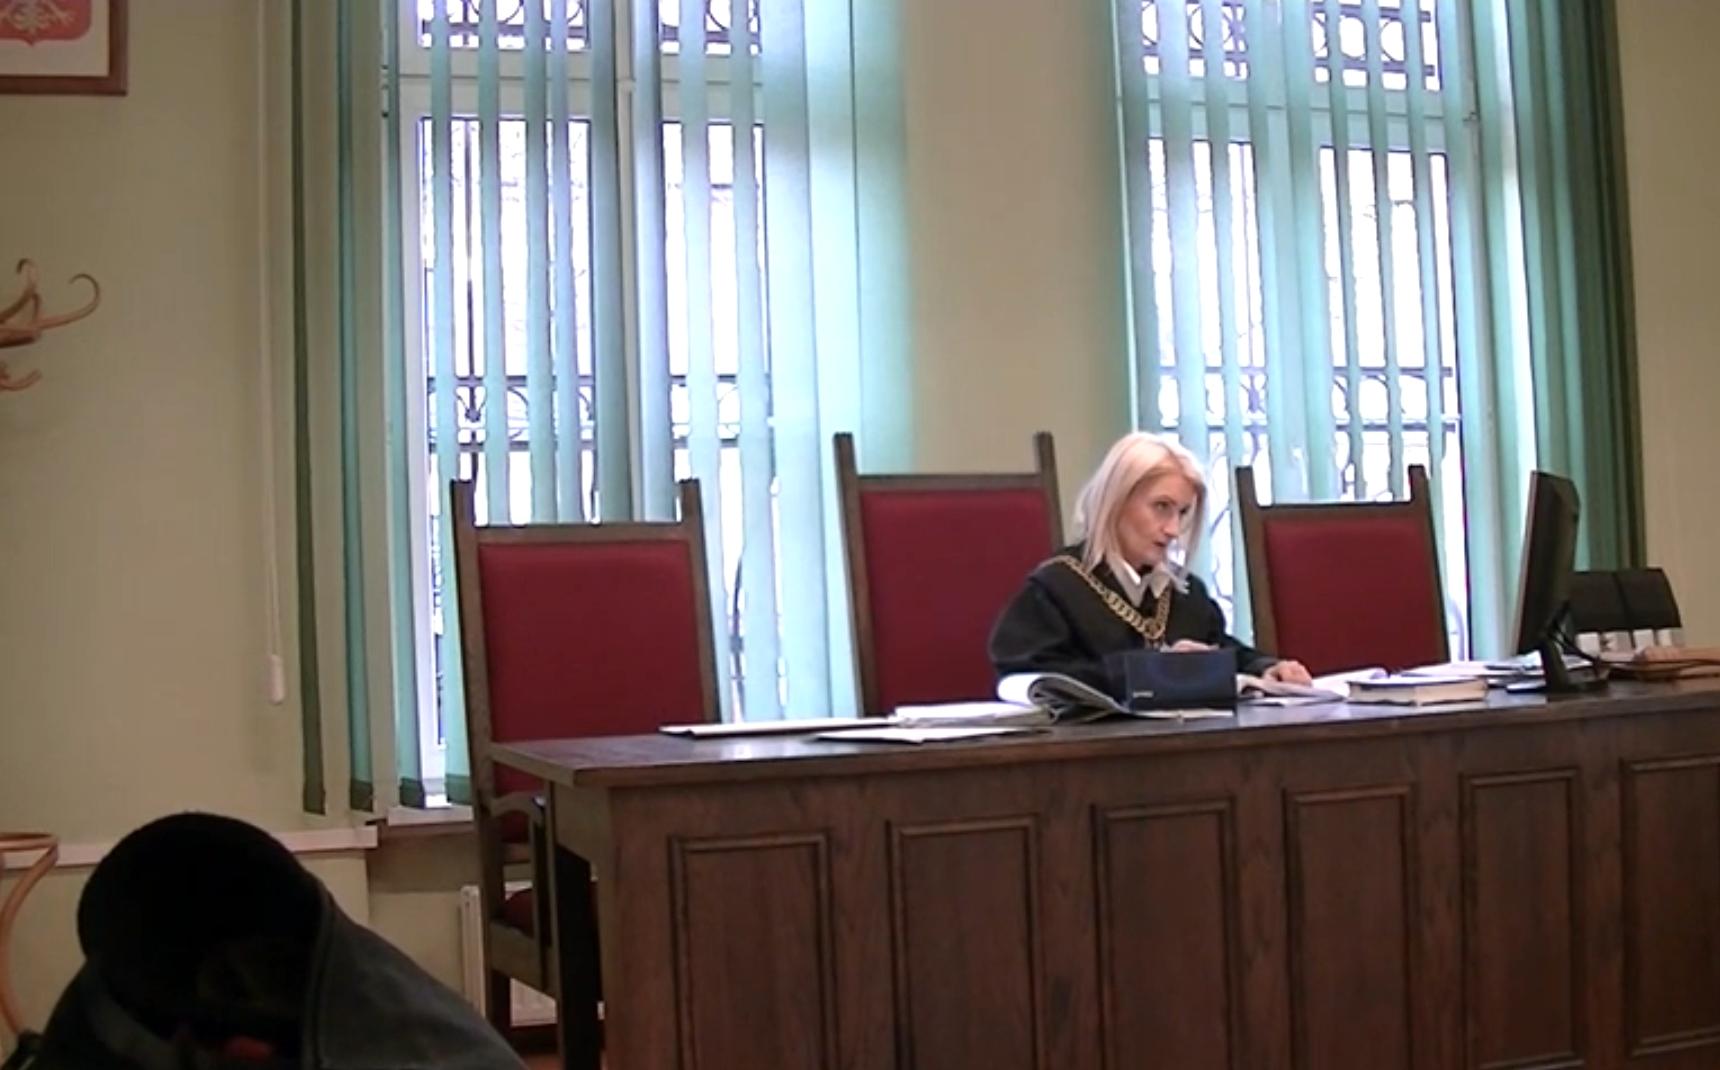 WOLNY CZYN: Sądy: jawność rozpraw w Zabrzu